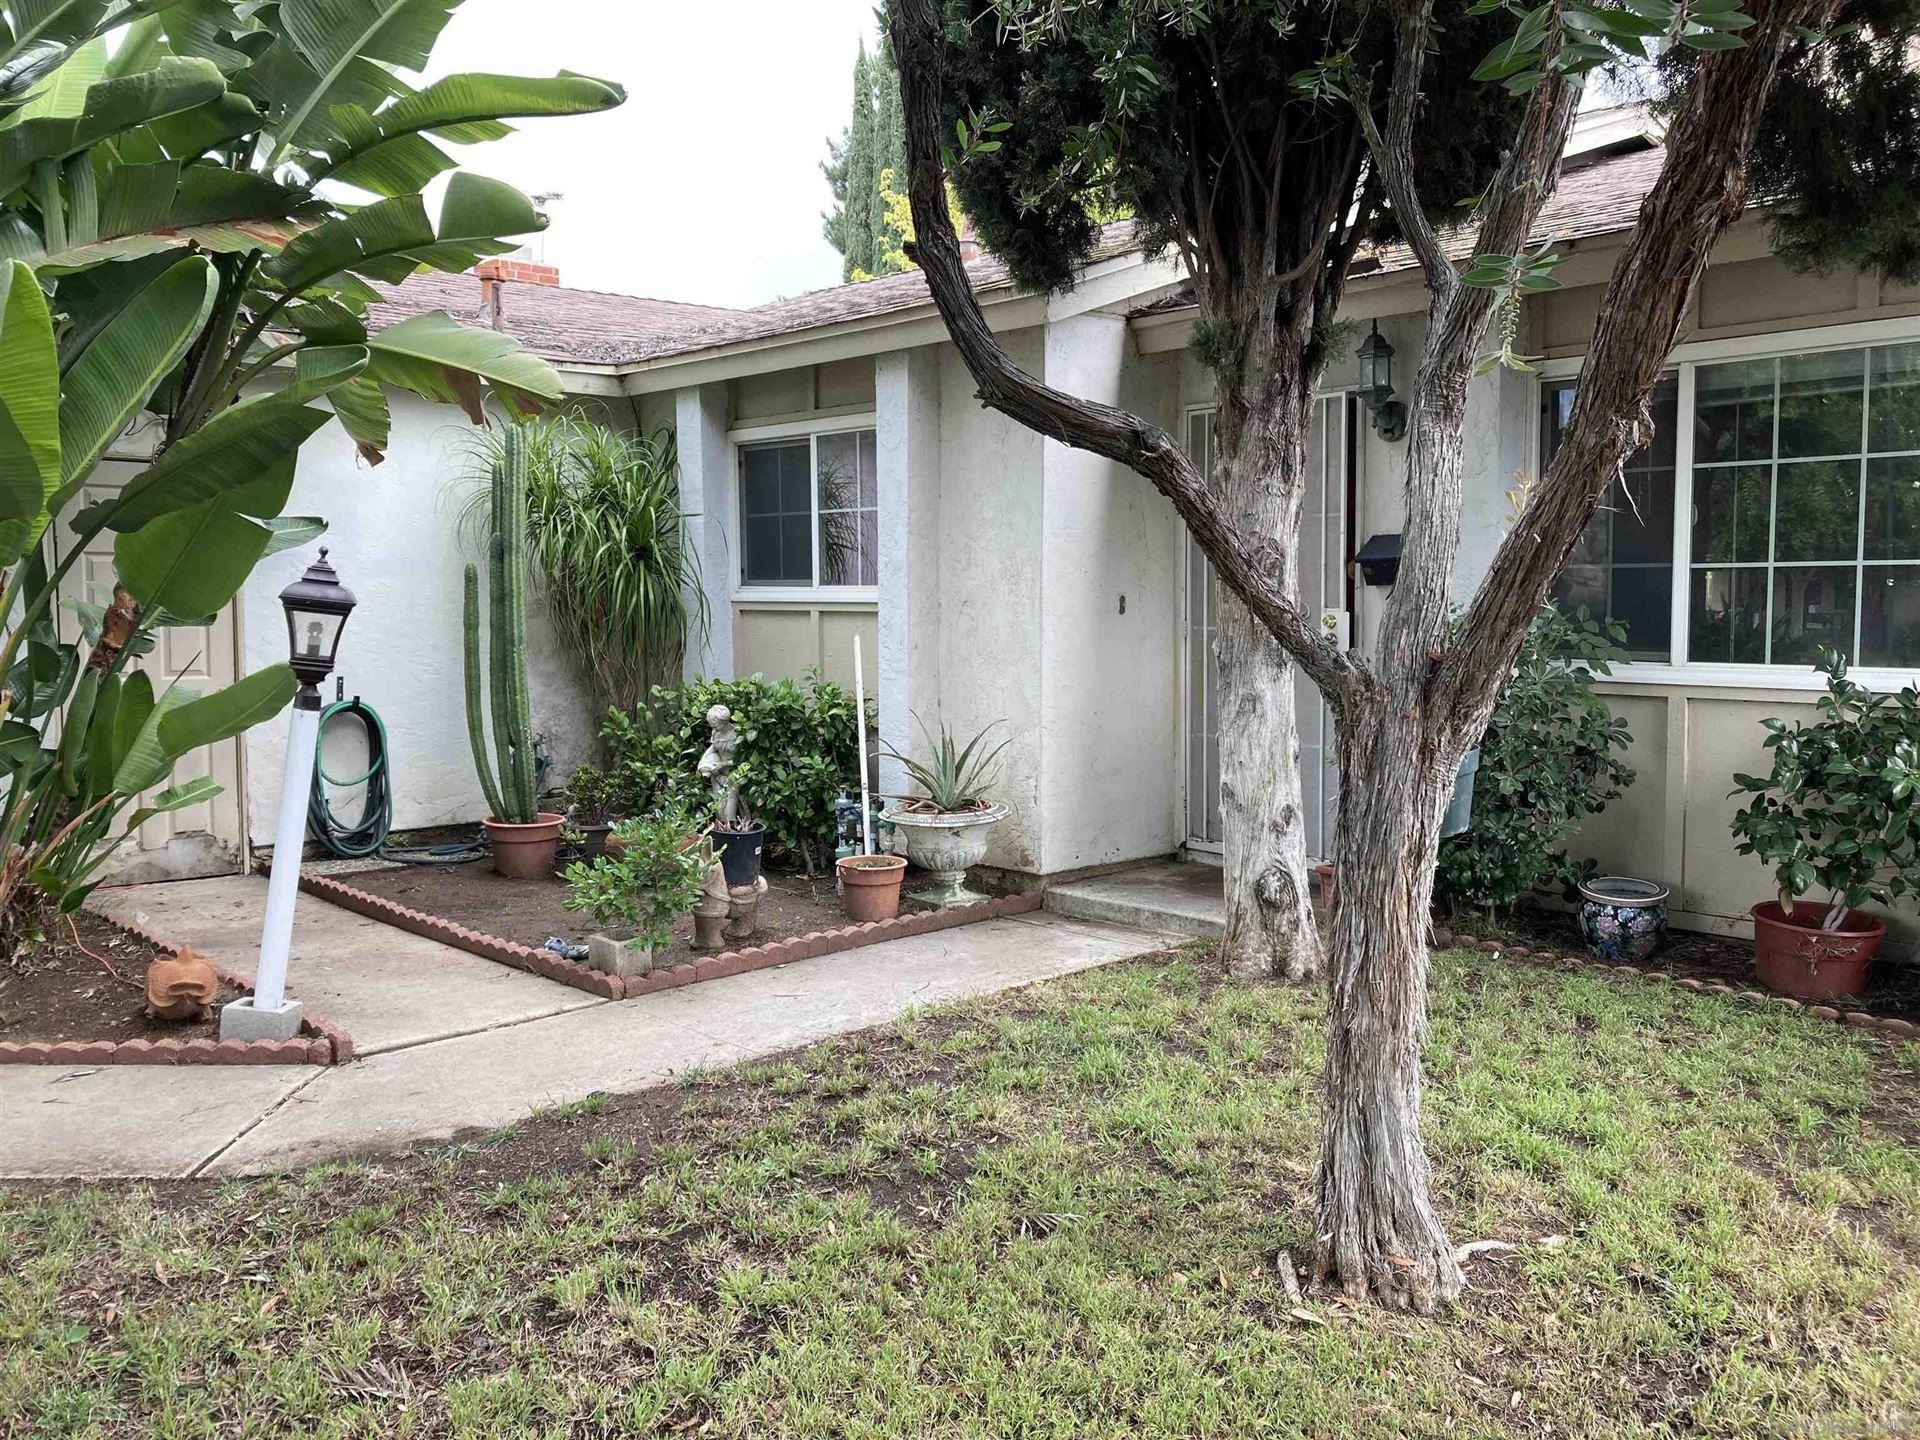 Photo of 15207 Luis St, Poway, CA 92064 (MLS # 210028872)